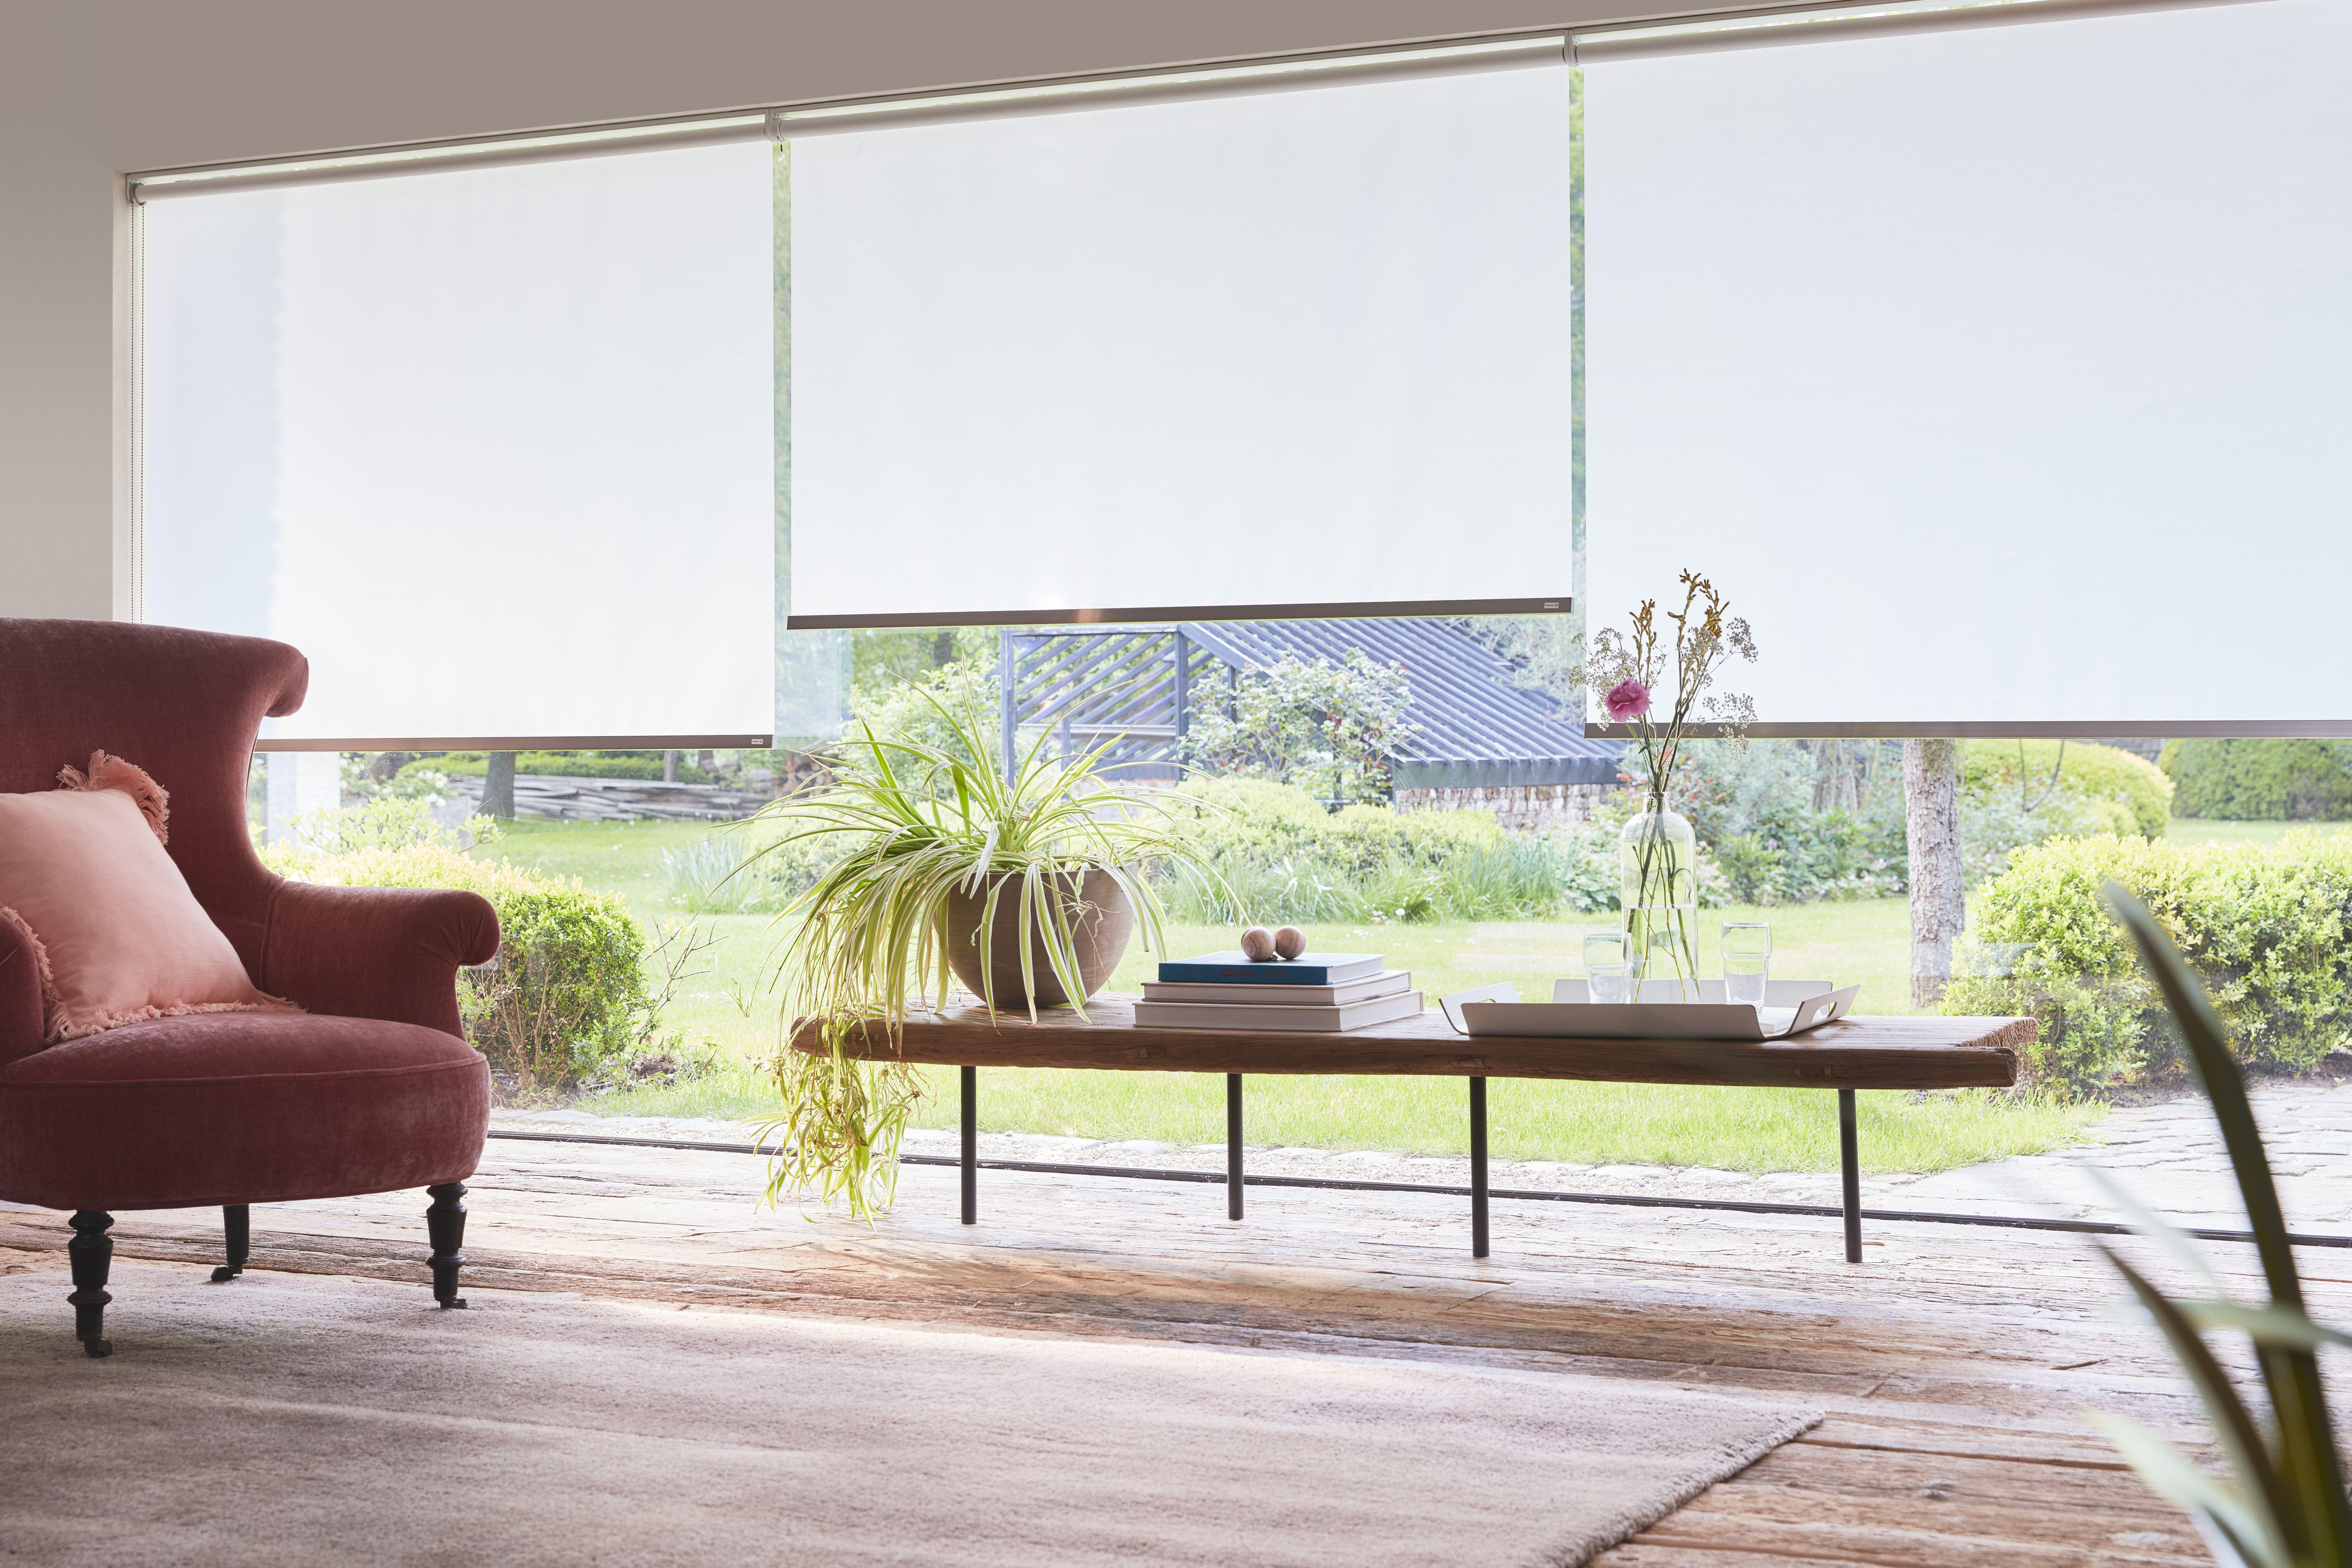 haze rideaux baie vitree salon summer tendance supposrr que vous venez d acheter une maison ou cuando vous envisagez de re decorer votre maison considerez